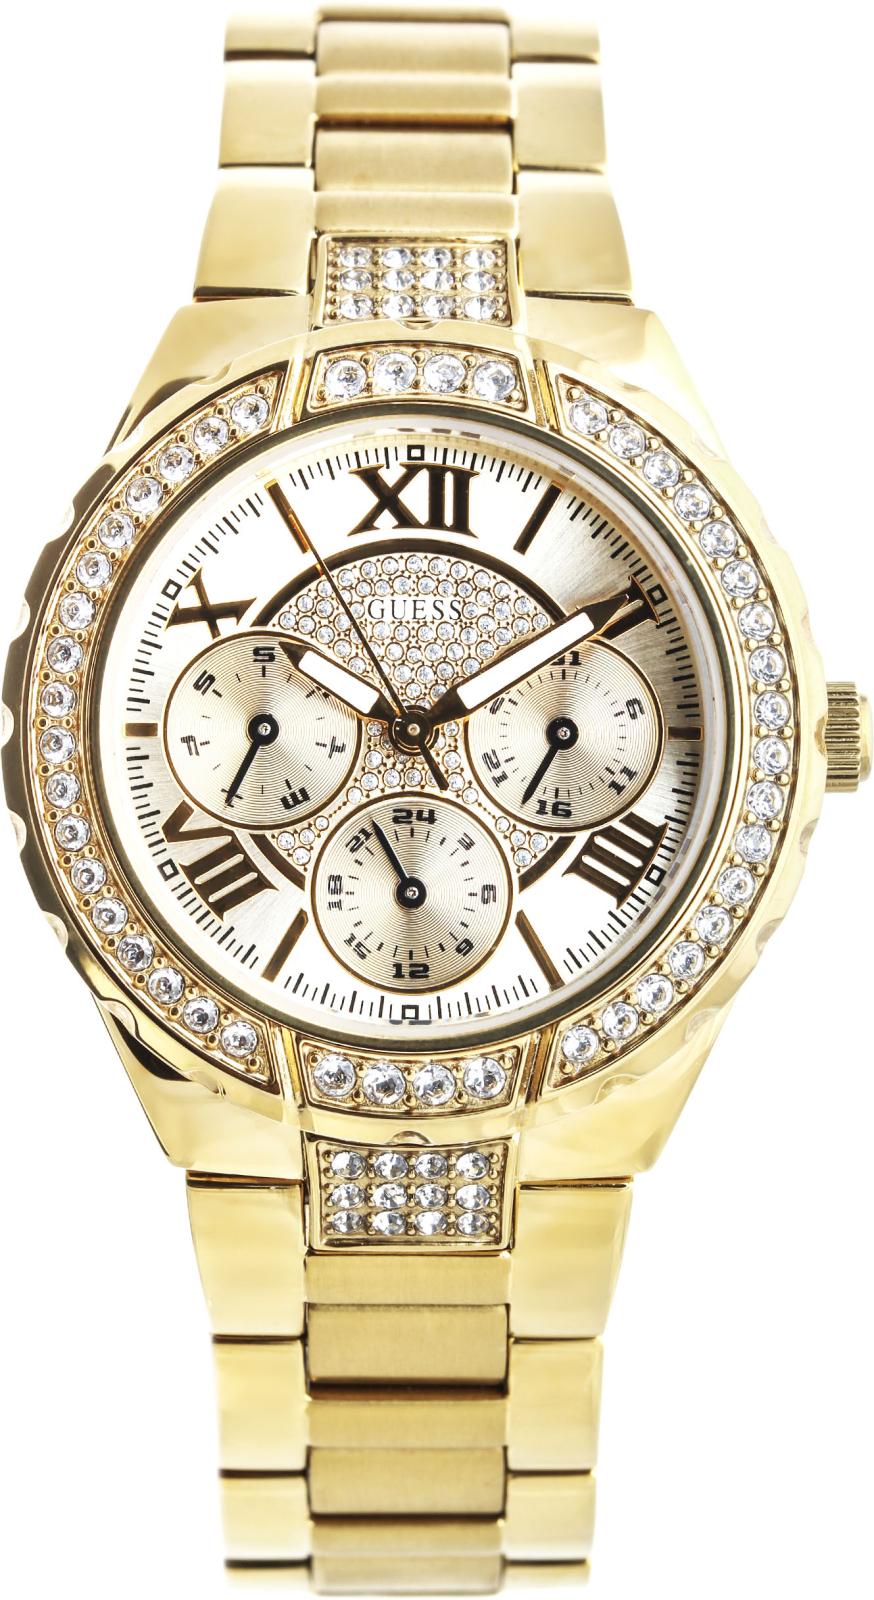 Guess W0111L2Наручные часы<br>Американские&amp;nbsp;часы Guess W0111L2Это настоящие женские часы. Материал корпуса часов &amp;mdash; сталь+золото. В этих часах используется минеральное стекло. Водозащита - 50 м. Основной цвет циферблата золотистый. Циферблат часов содержит часы, минуты, секунды. В этой модели используются такие усложнения как дата, день недели, . Диаметр корпуса данной модели 36мм.<br><br>Пол: Женские<br>Страна-производитель: США<br>Механизм: Кварцевый<br>Материал корпуса: Сталь<br>Материал ремня/браслета: Сталь<br>Водозащита, диапазон: None<br>Стекло: Минеральное<br>Толщина корпуса: 12<br>Стиль: Классика